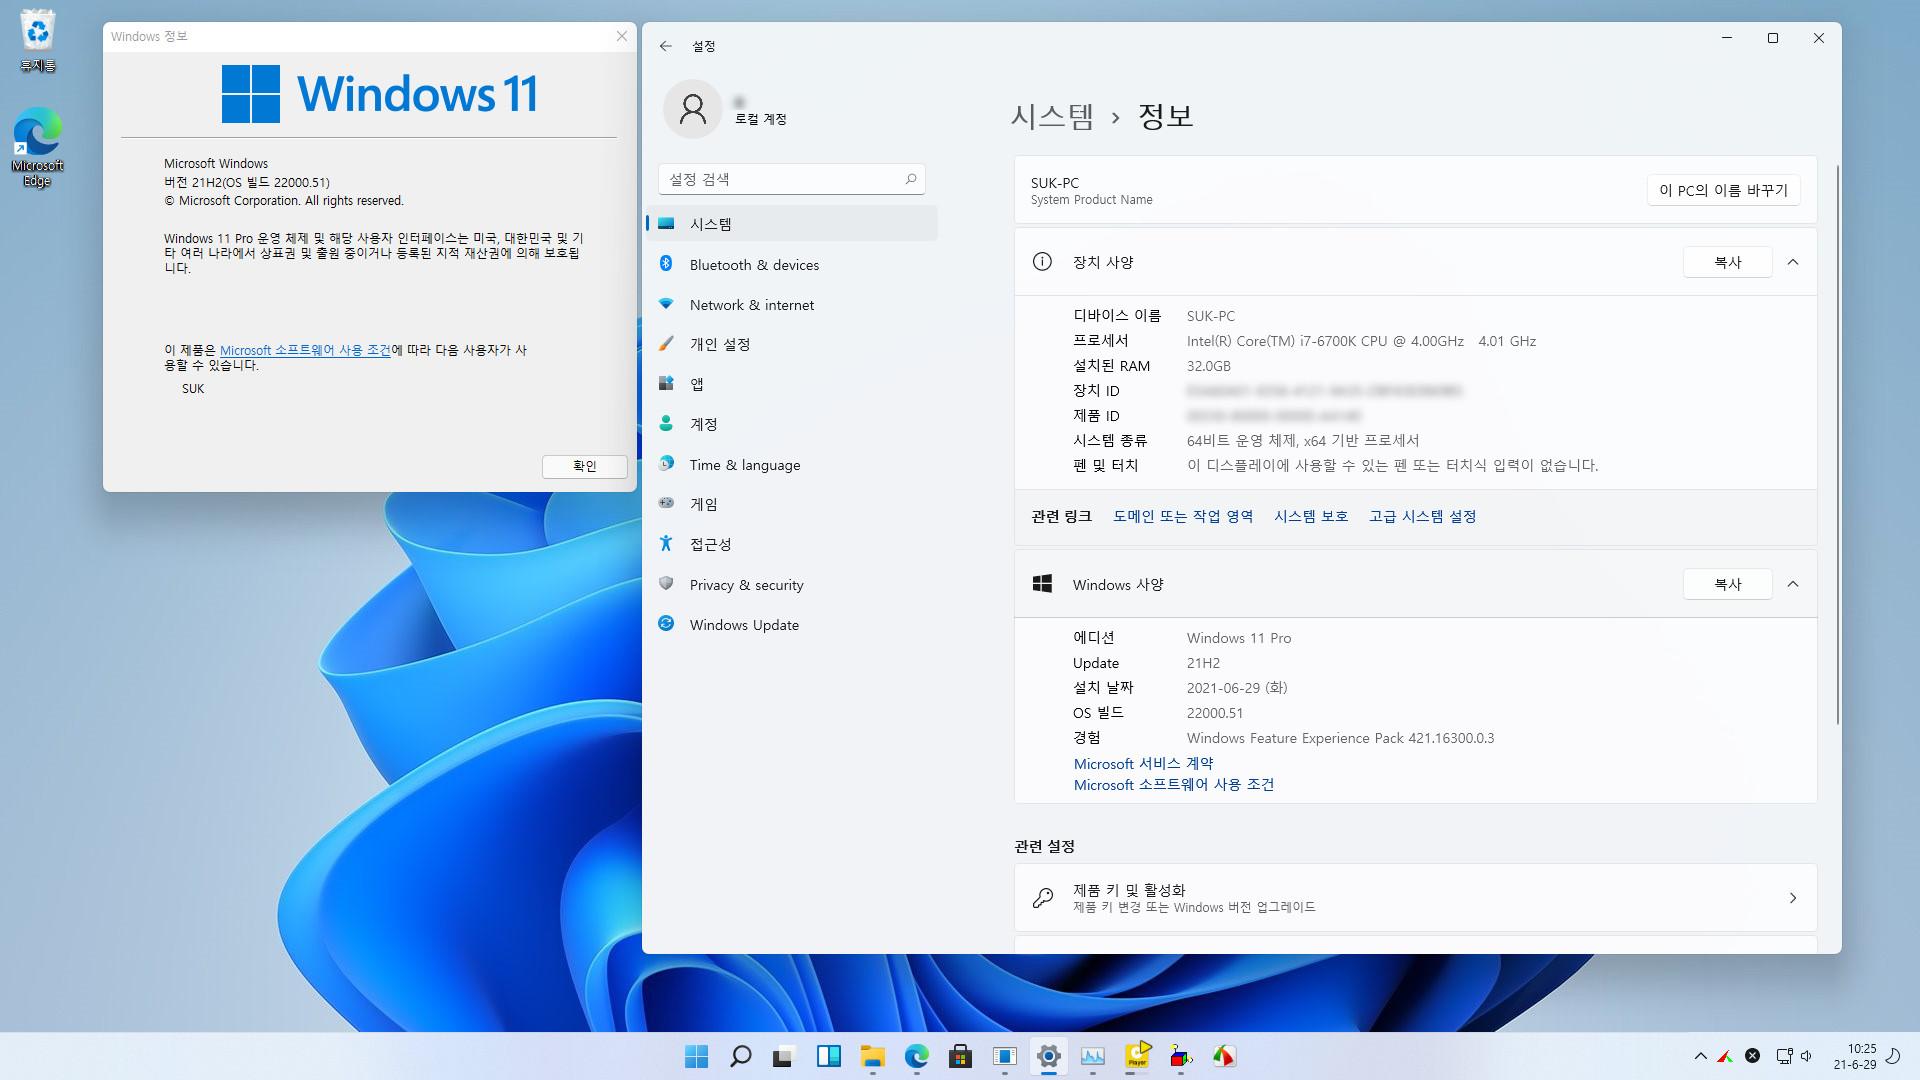 최초 공개된 Windows 11 (OS 빌드 22000.51) 한글판 설치 테스트 - 실컴에 설치 2021-06-29_102545.jpg